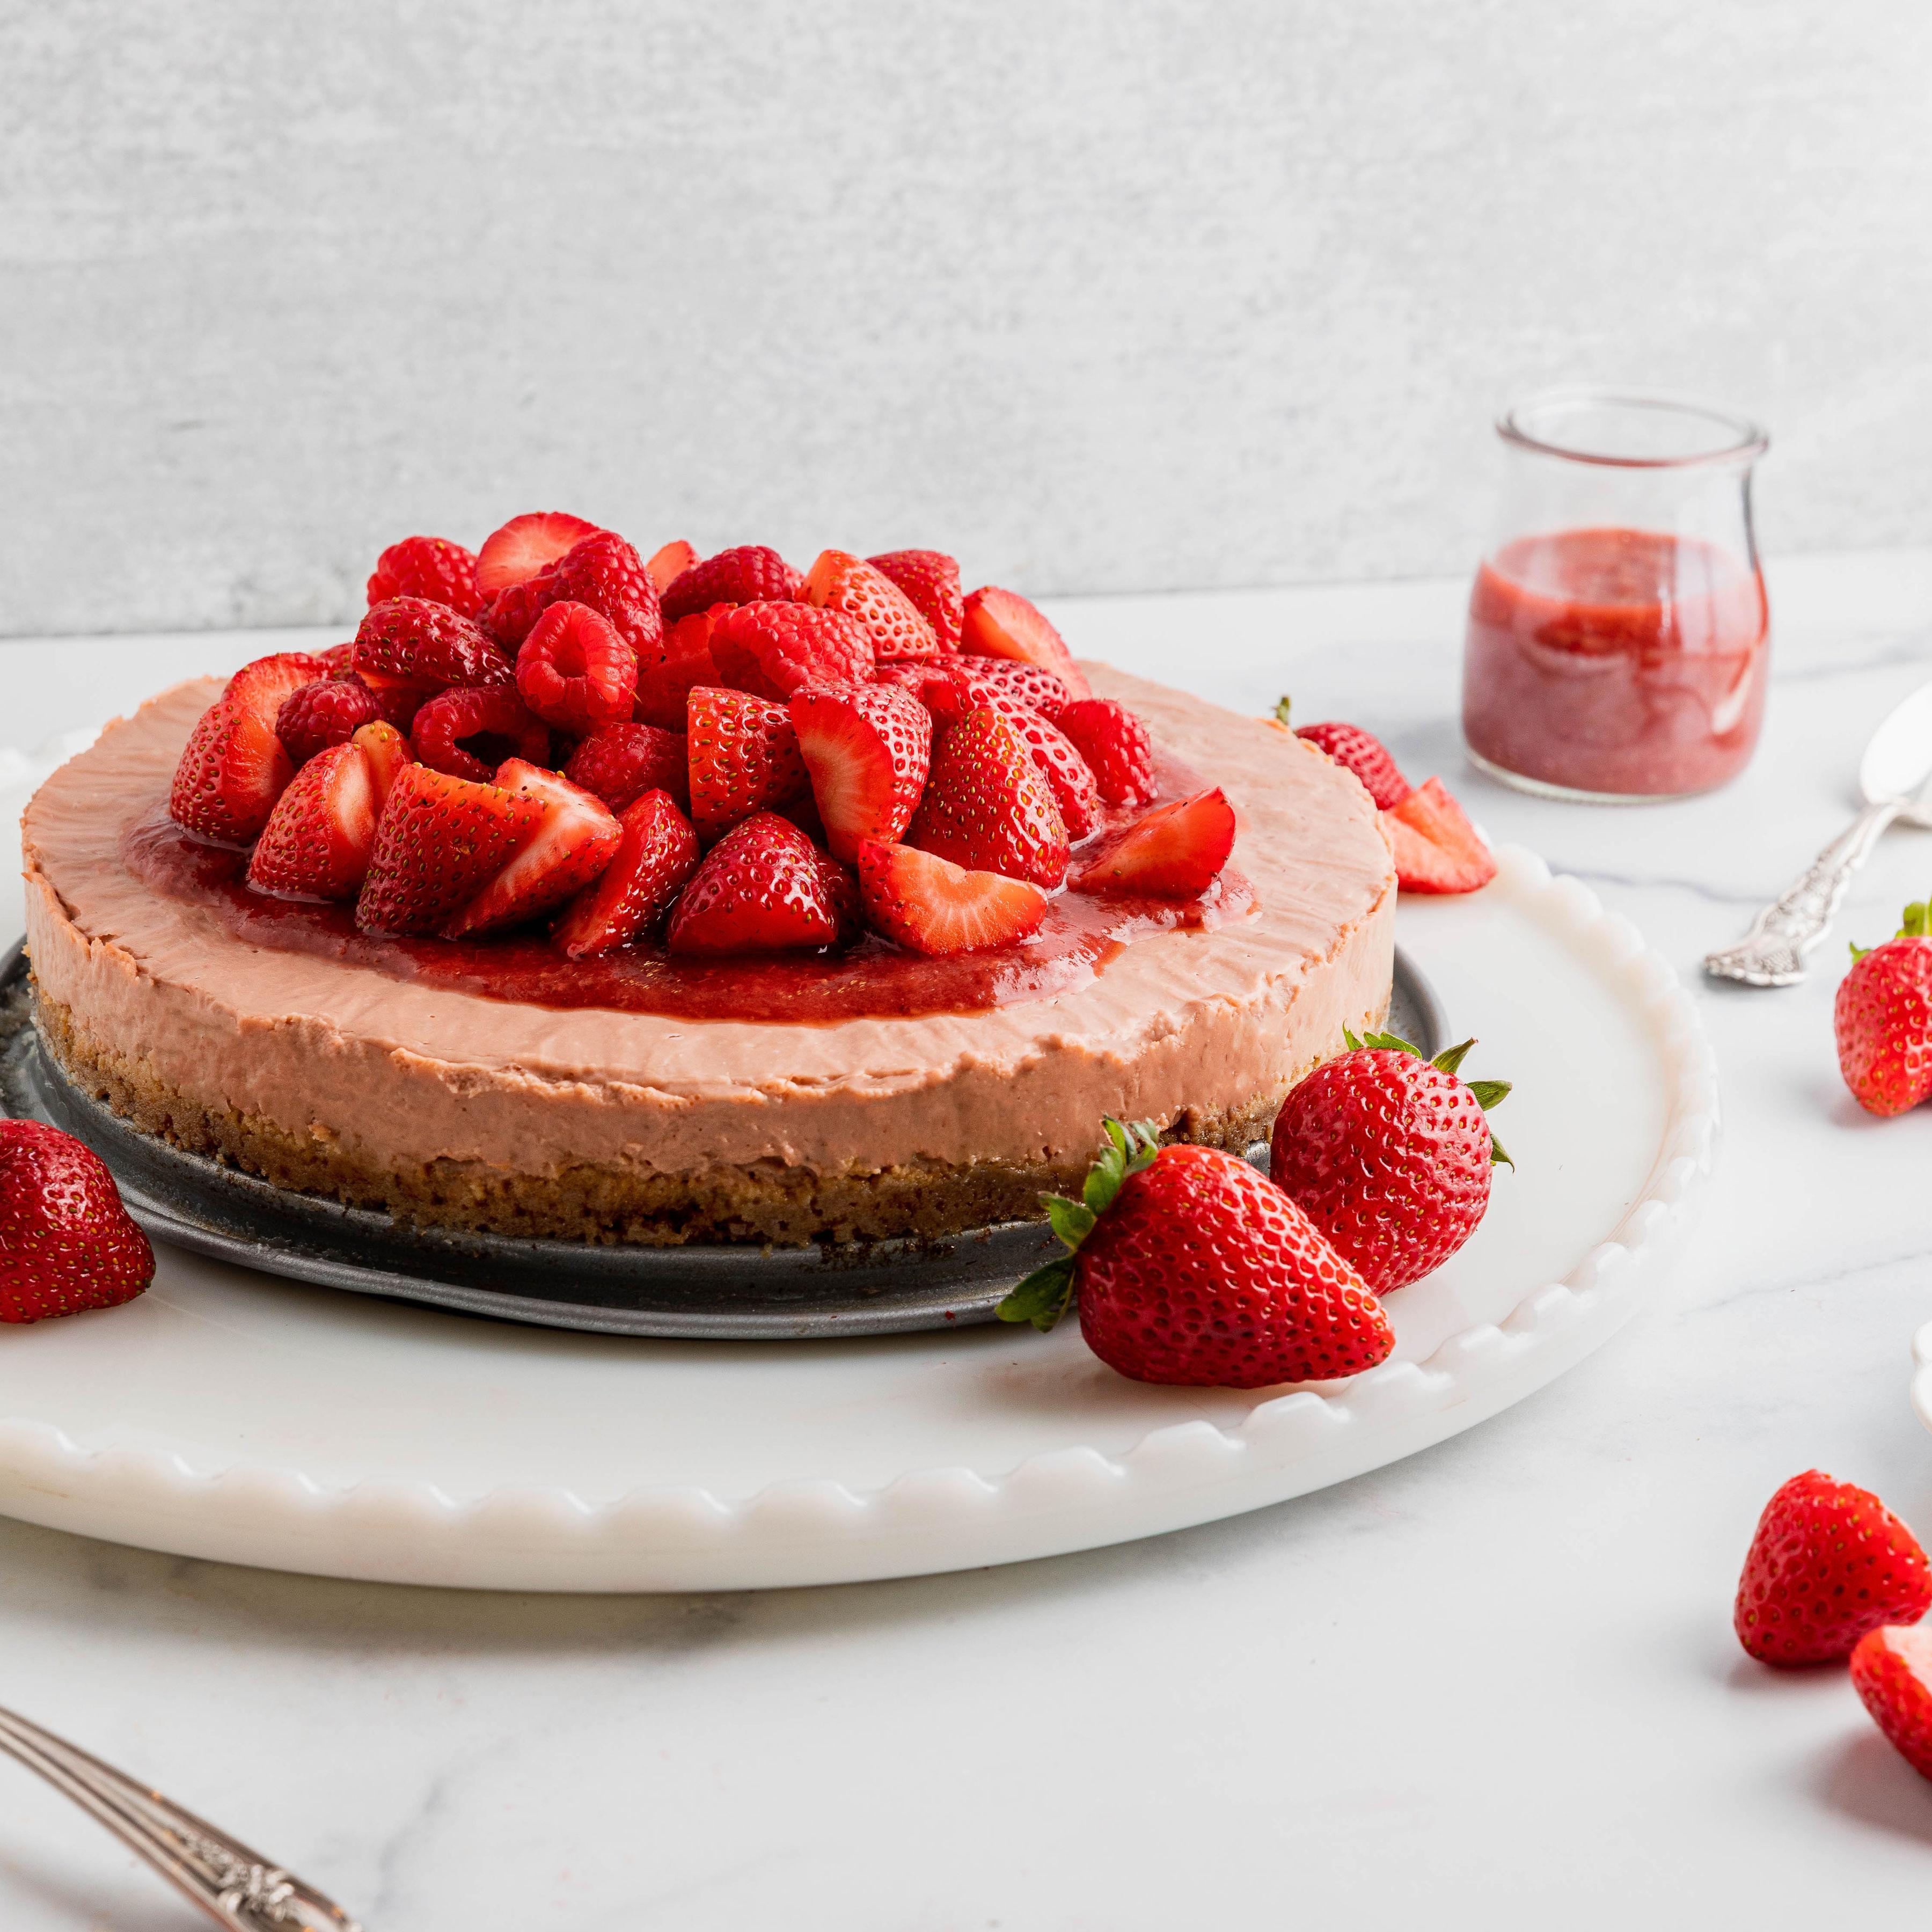 Image of Vegan Strawberry Cheesecake